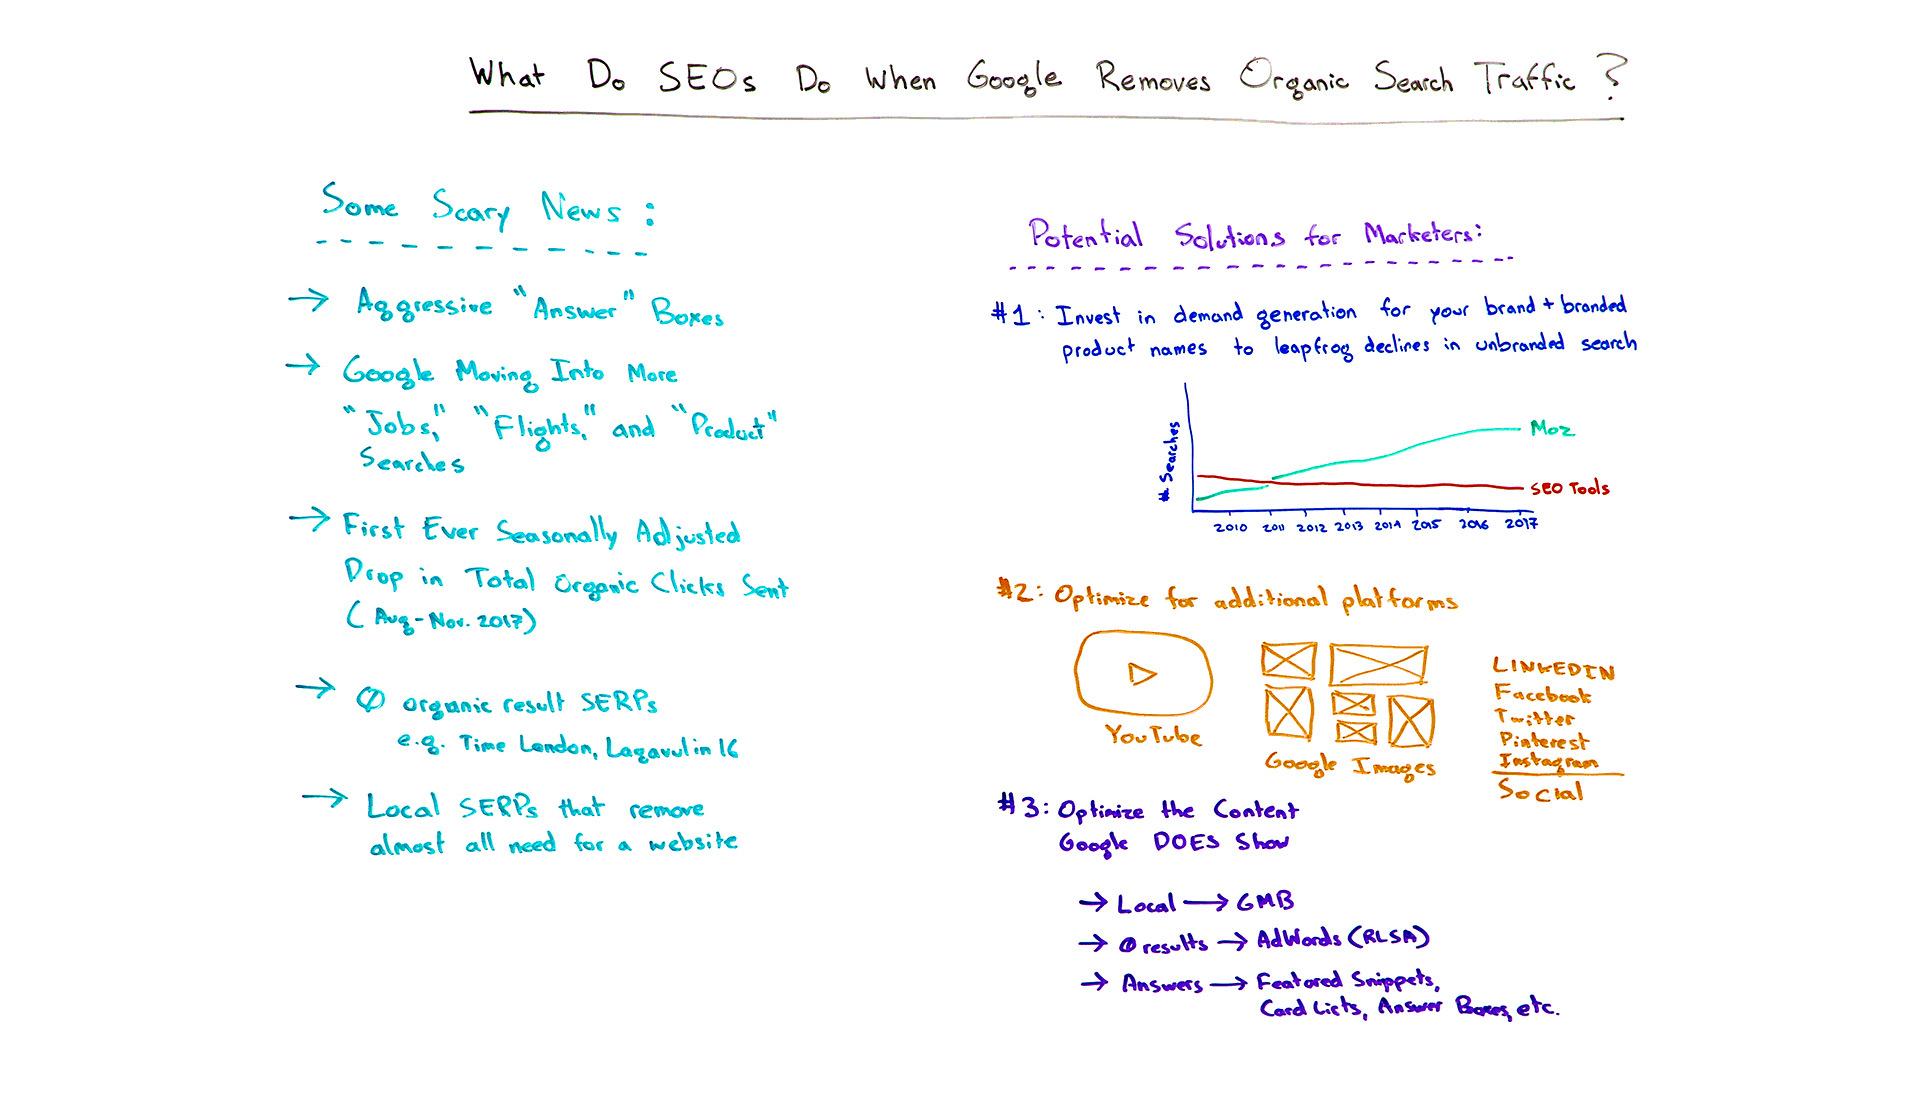 What Do SEOs Do When Google ...</noscript></p><a class=